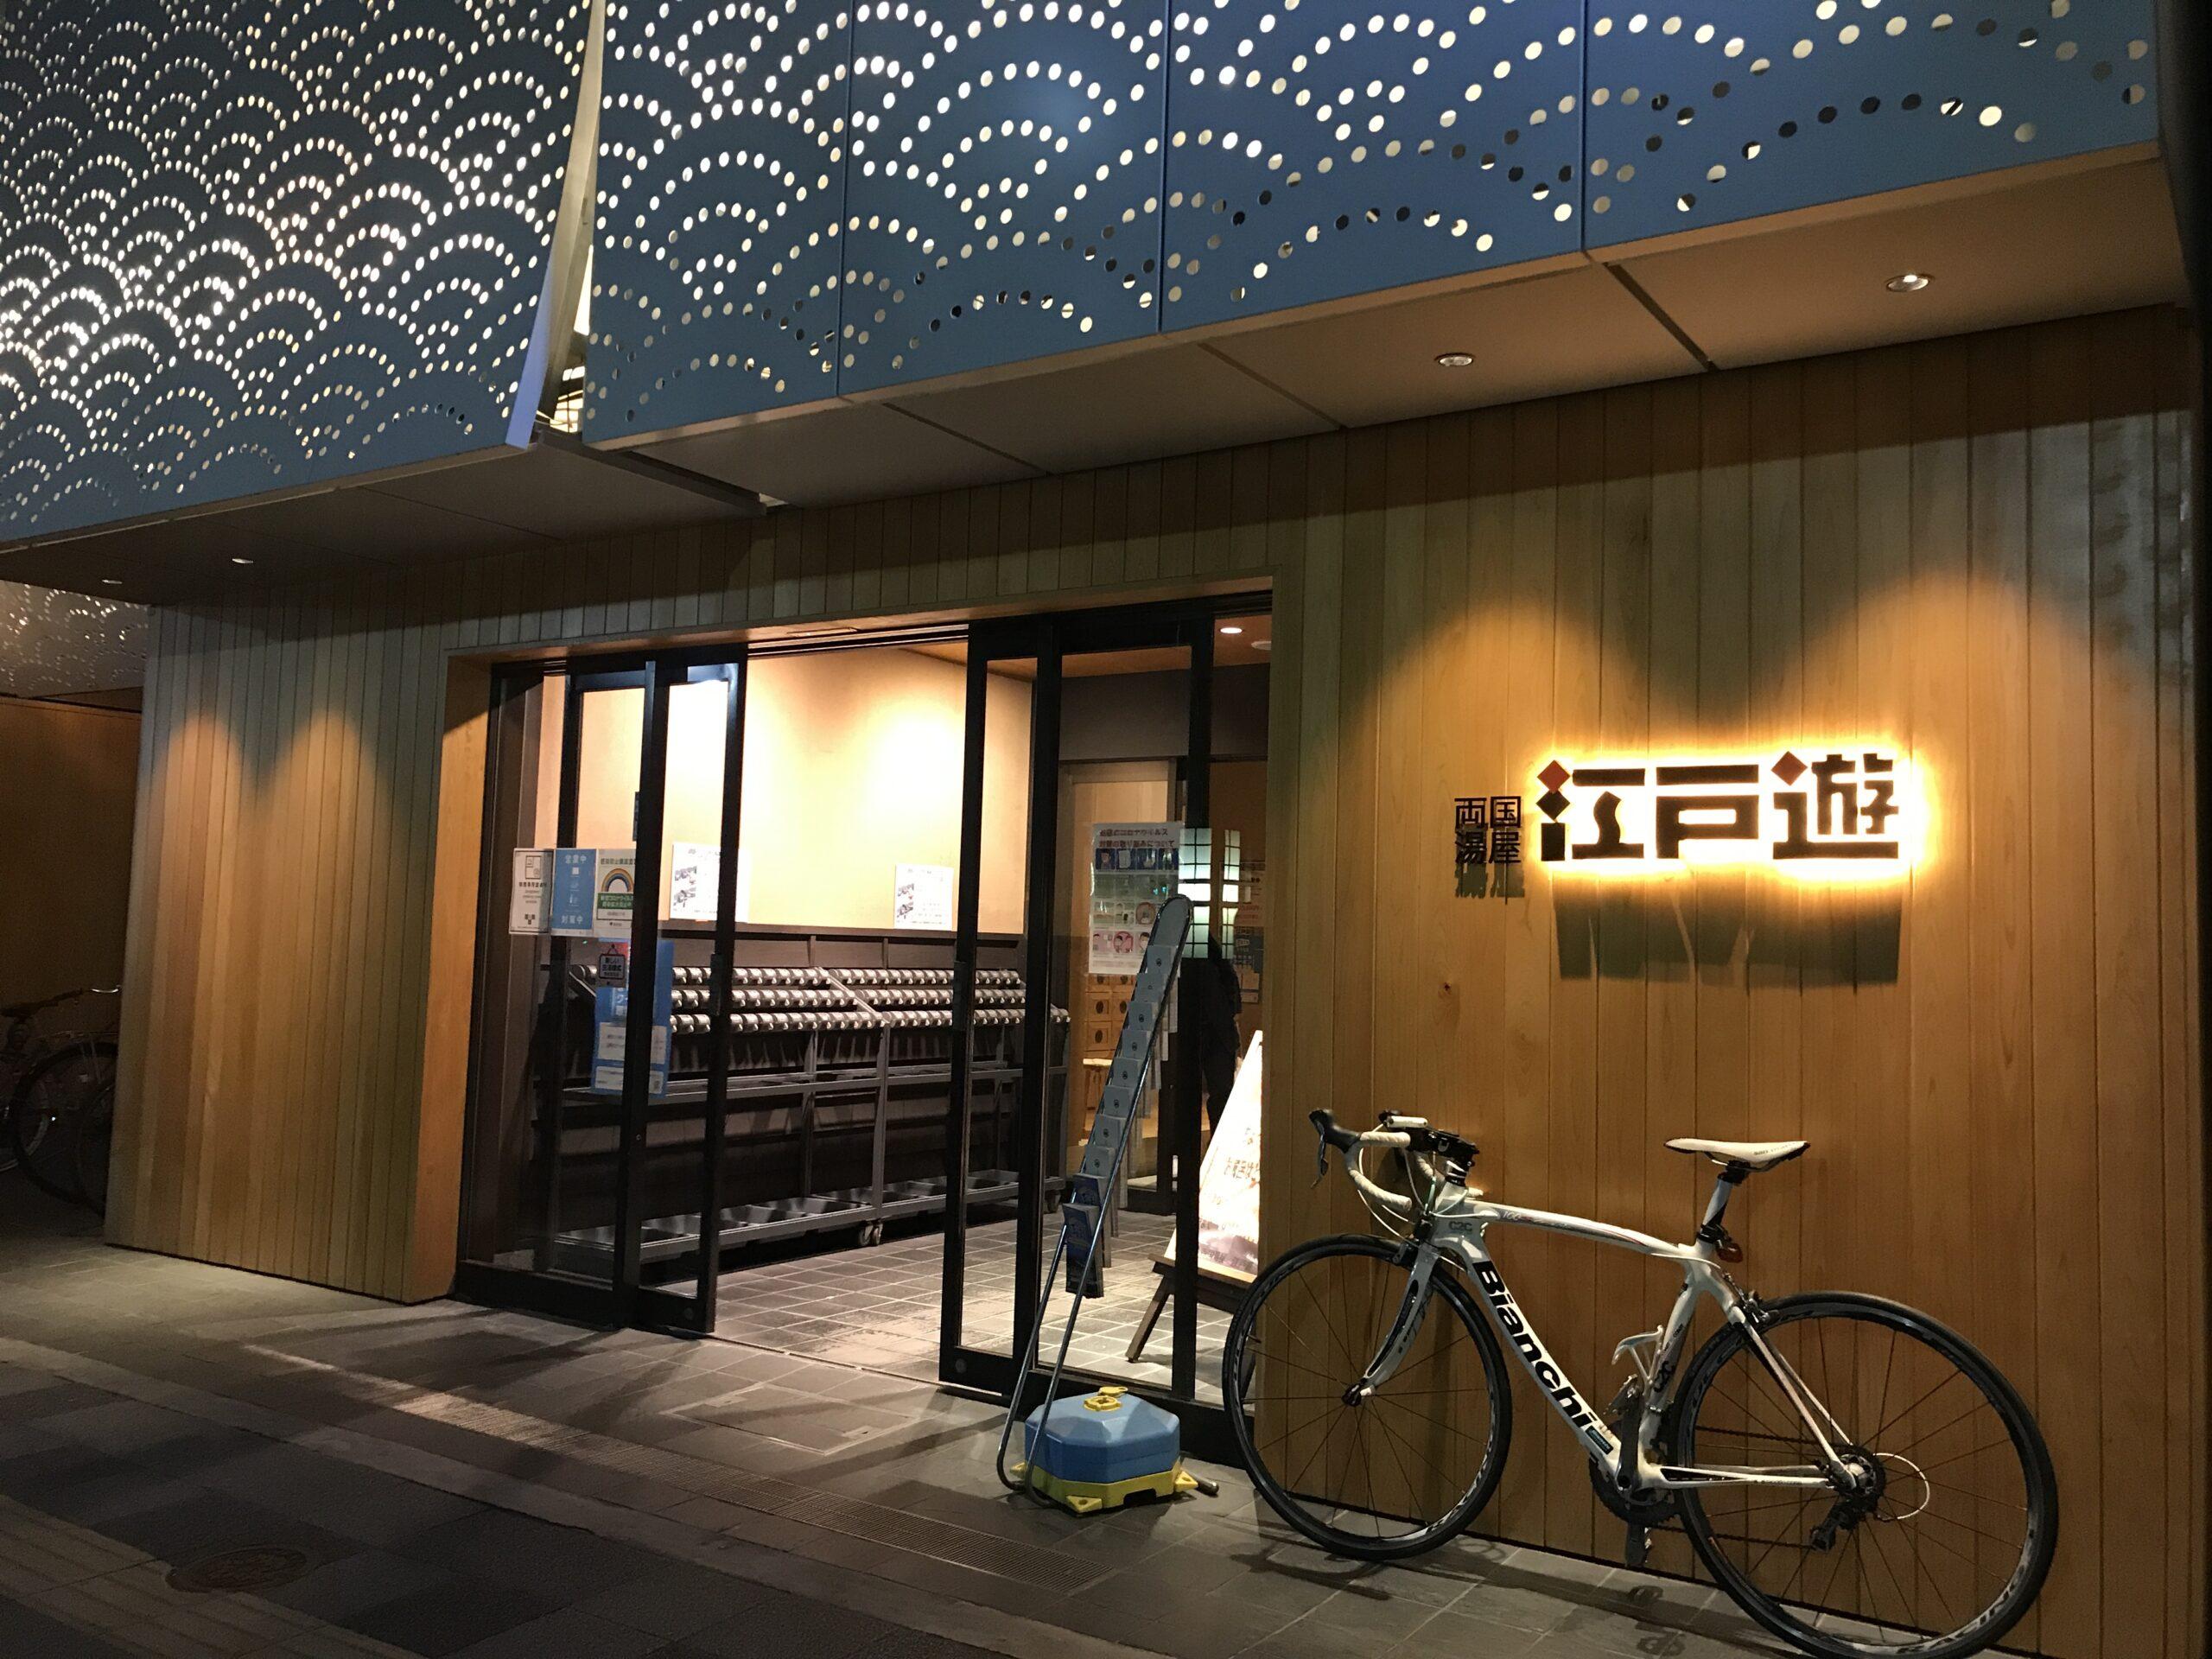 サイクリング×温泉・サウナ_江戸遊